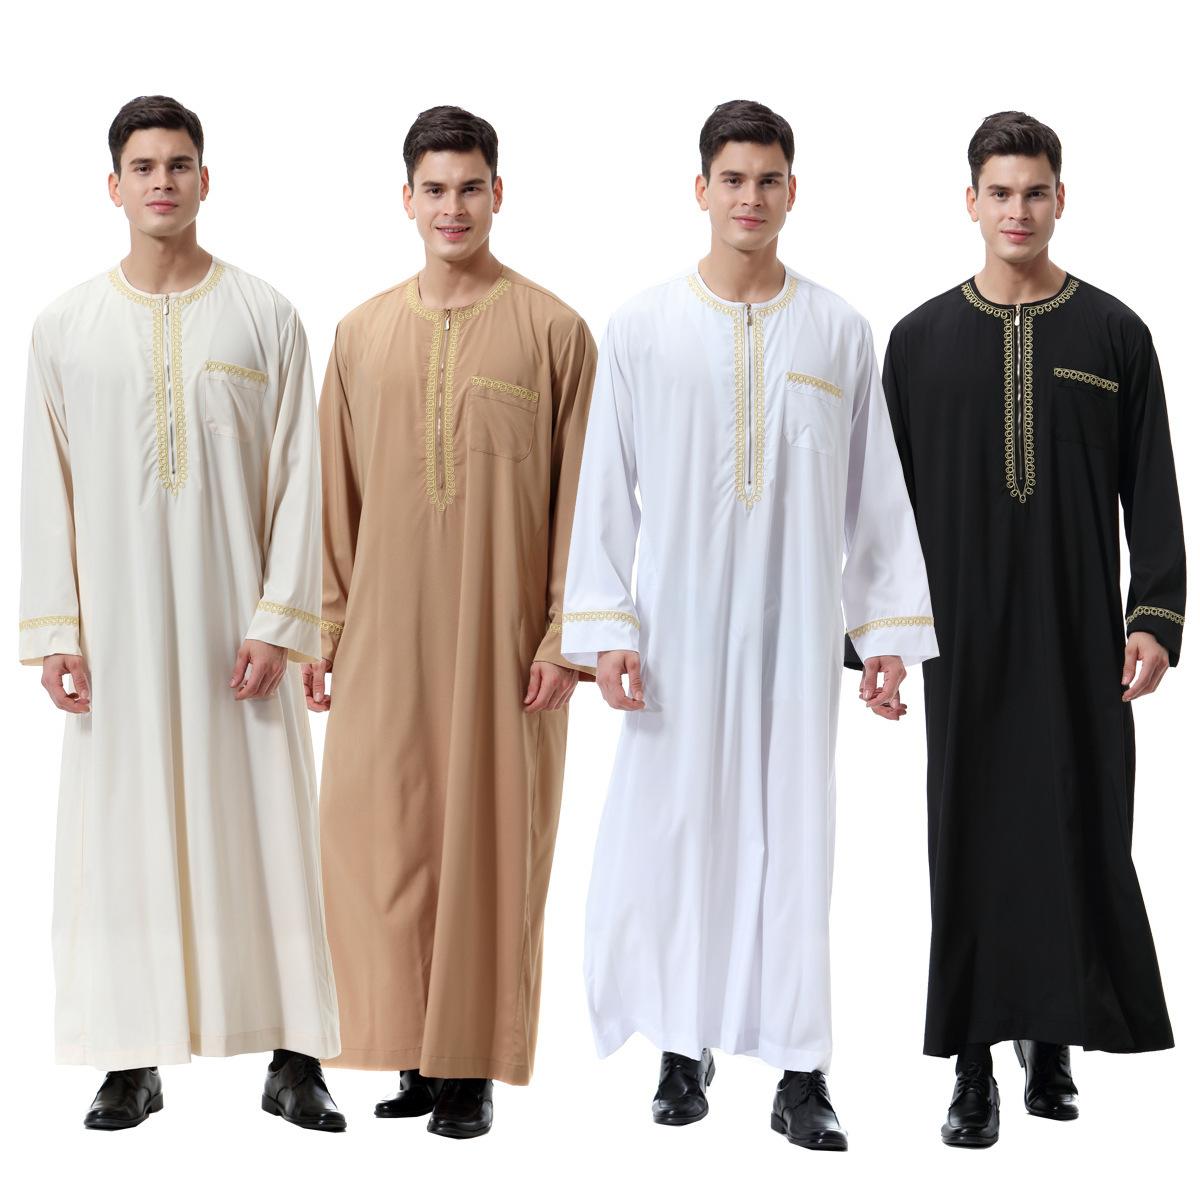 外贸电商 巴基斯坦 印度 穆斯林 阿拉伯圆领刺绣长袍秋季长裤衬衫